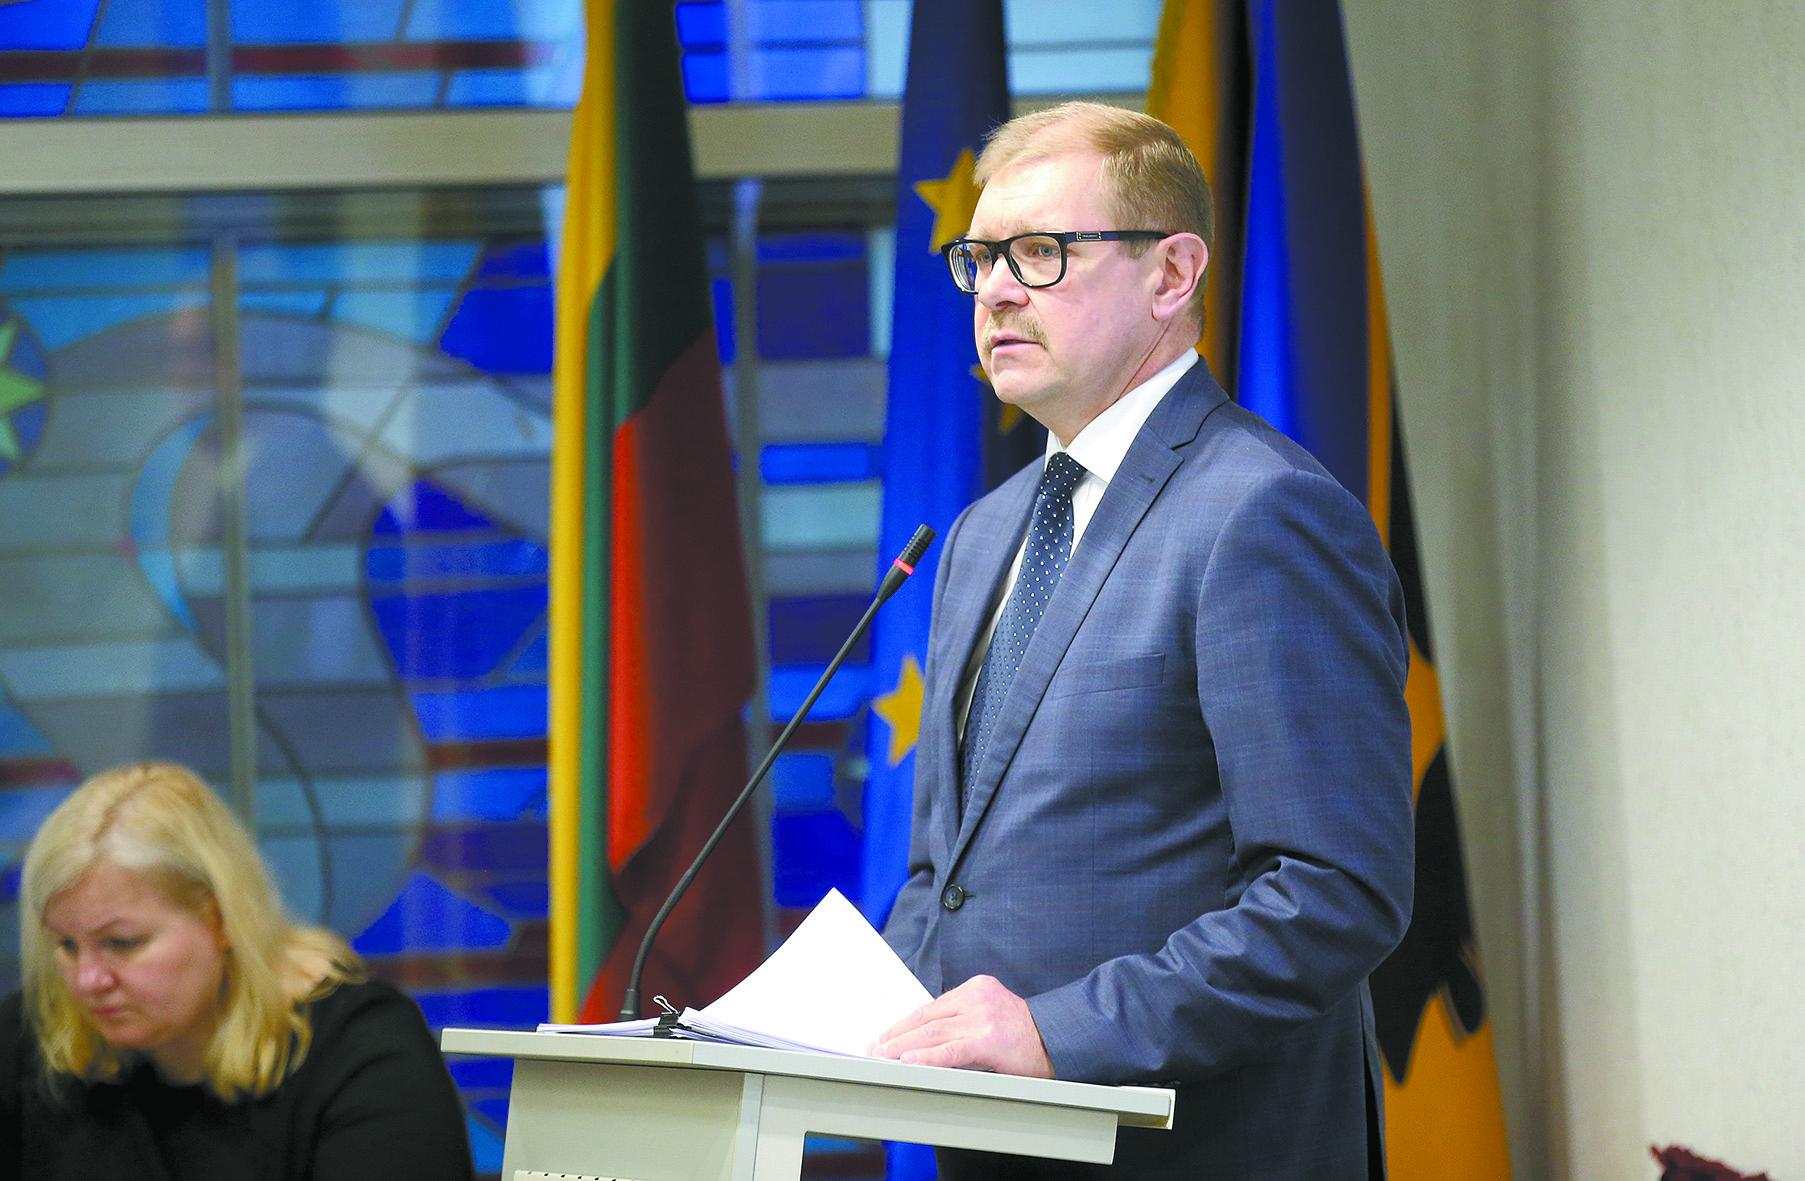 Pasak savivaldybės administracijos direktoriaus Arūno Kacevičiaus, rekonstrukcijai reikės kone perpus mažiau pinigų nei naujo pastato statyboms. / A. Barzdžiaus nuotr.